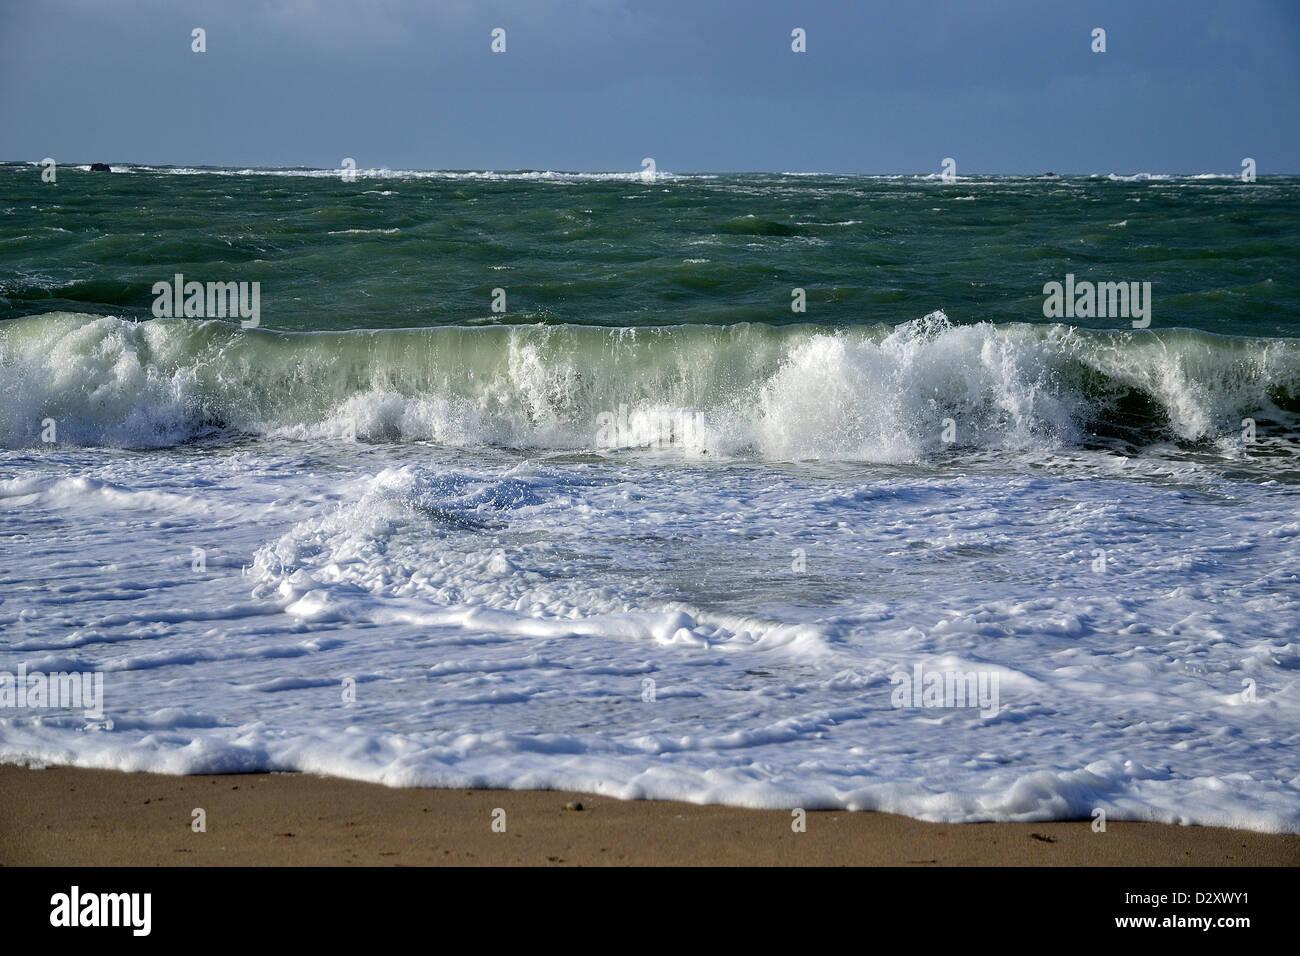 Risacca, nel diluvio di marea, onde, e oscillante risacca su porta shingle Blanc beach, penisola di Quiberon (Brittany, Foto Stock